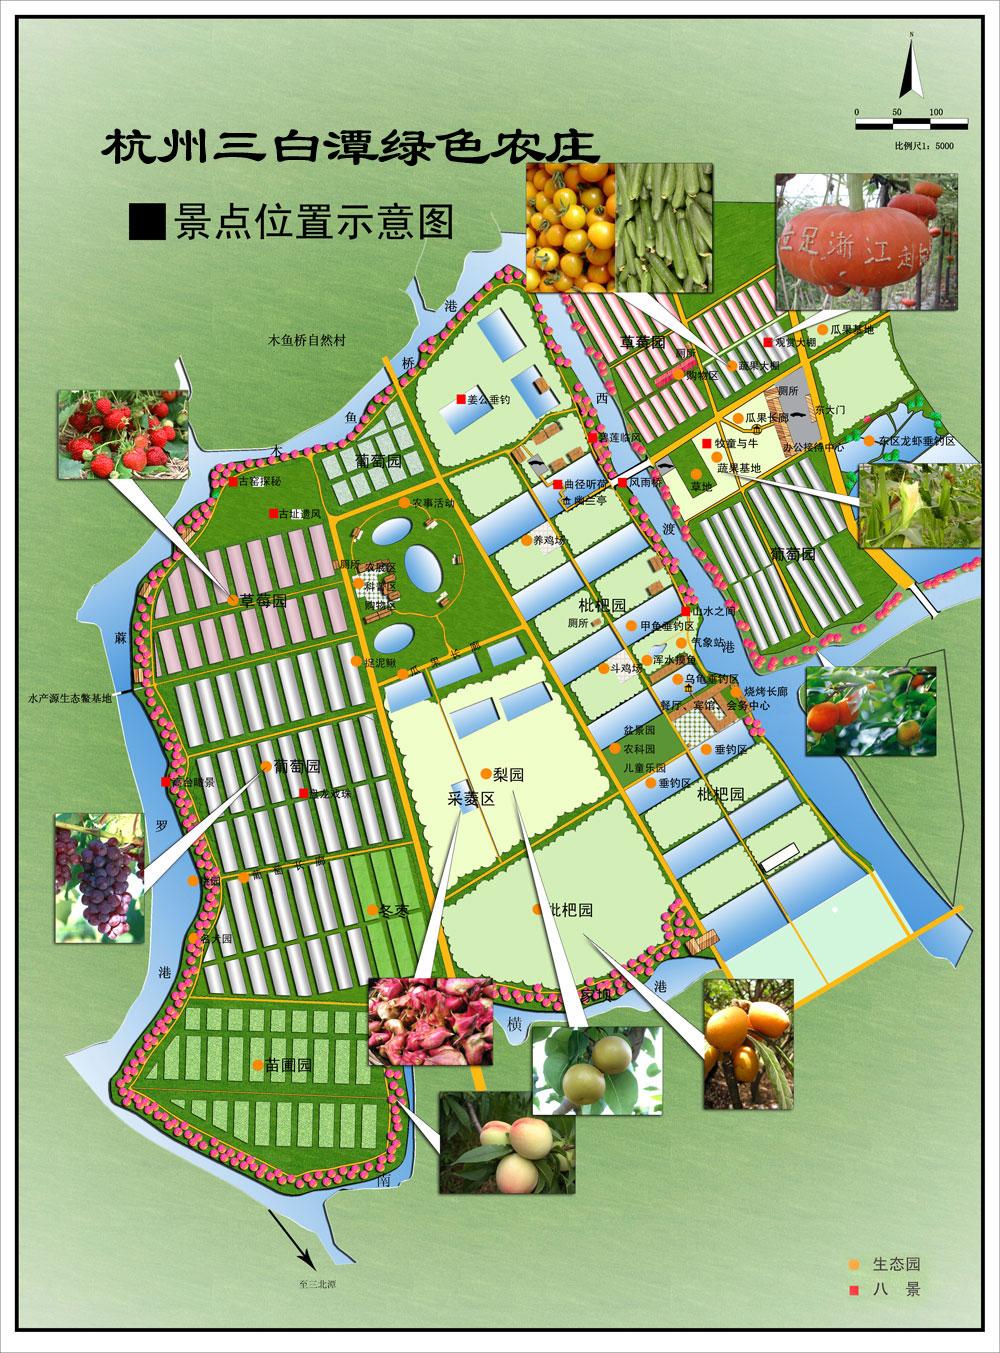 手绘农庄平面图